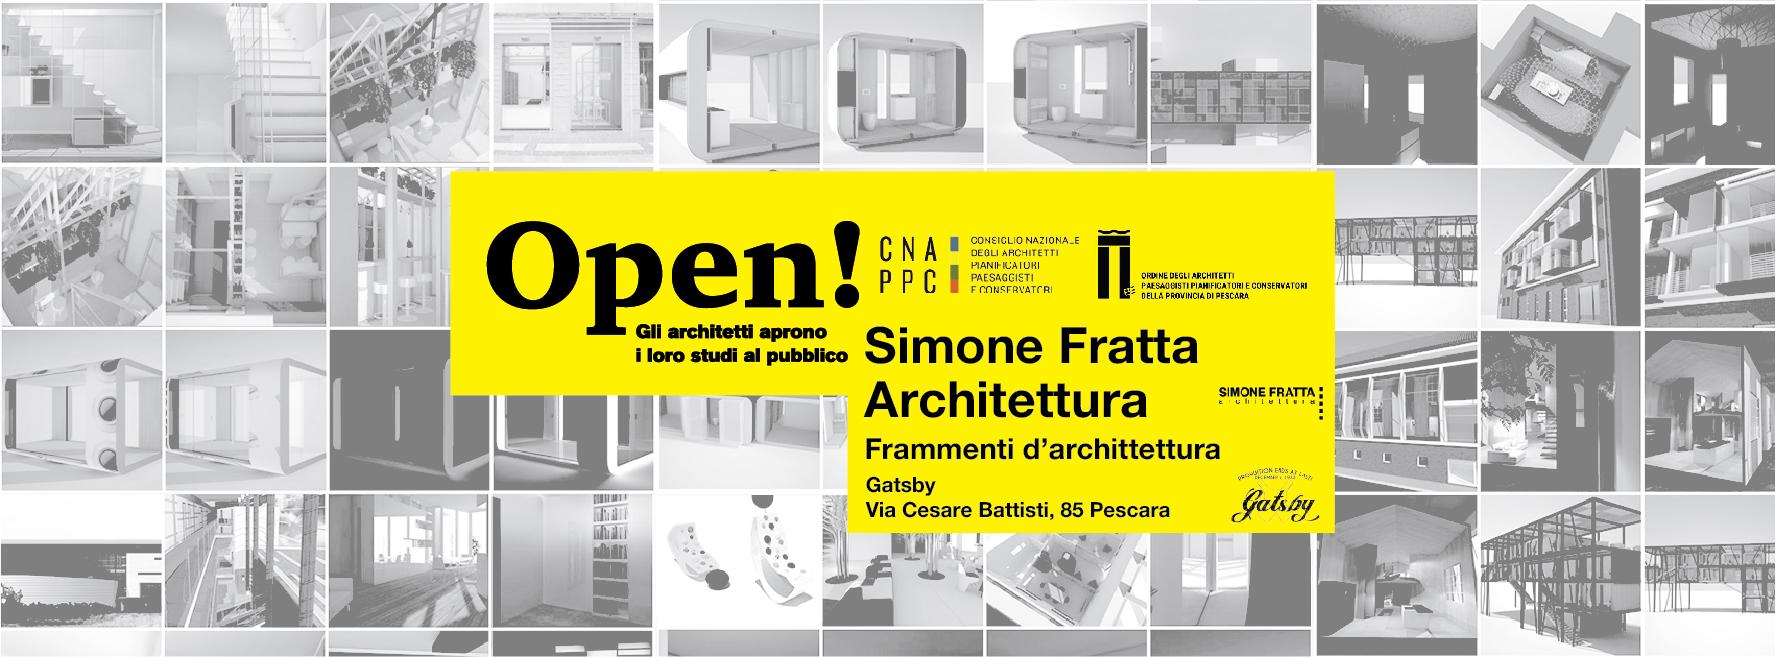 Frammenti d'Architettura